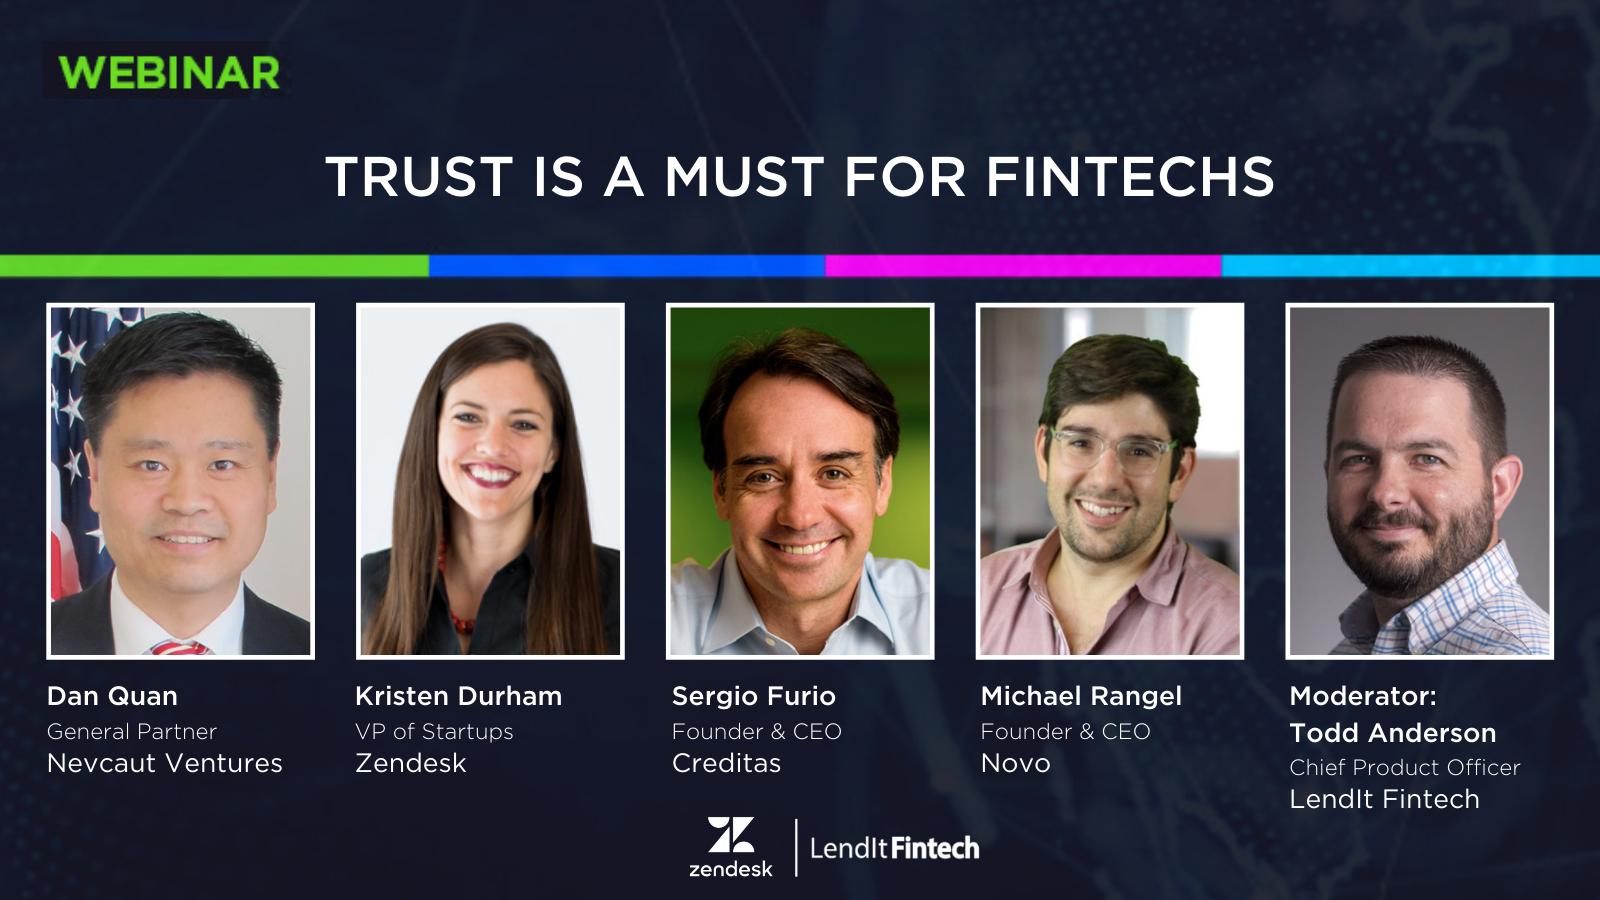 Trust is a Must for Fintechs - Webinar